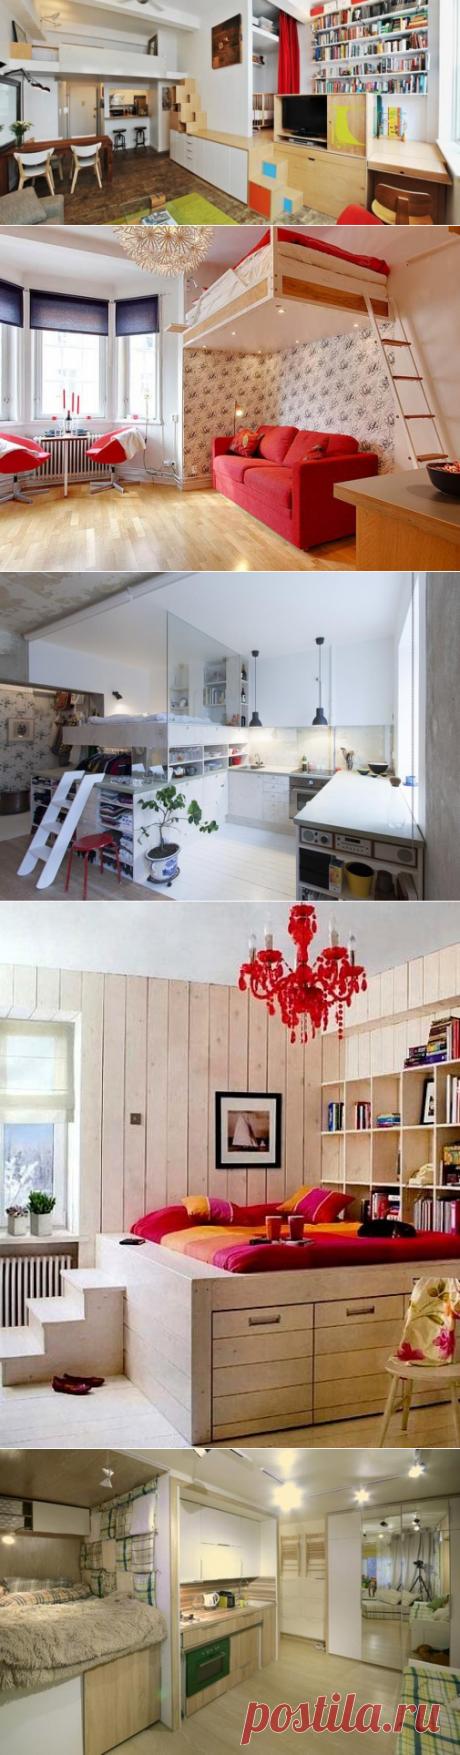 Варианты кроватей для небольших квартир — Правильные идеи ремонта интересные предложения для маленькой по площади квартиры,квартиры-студии.